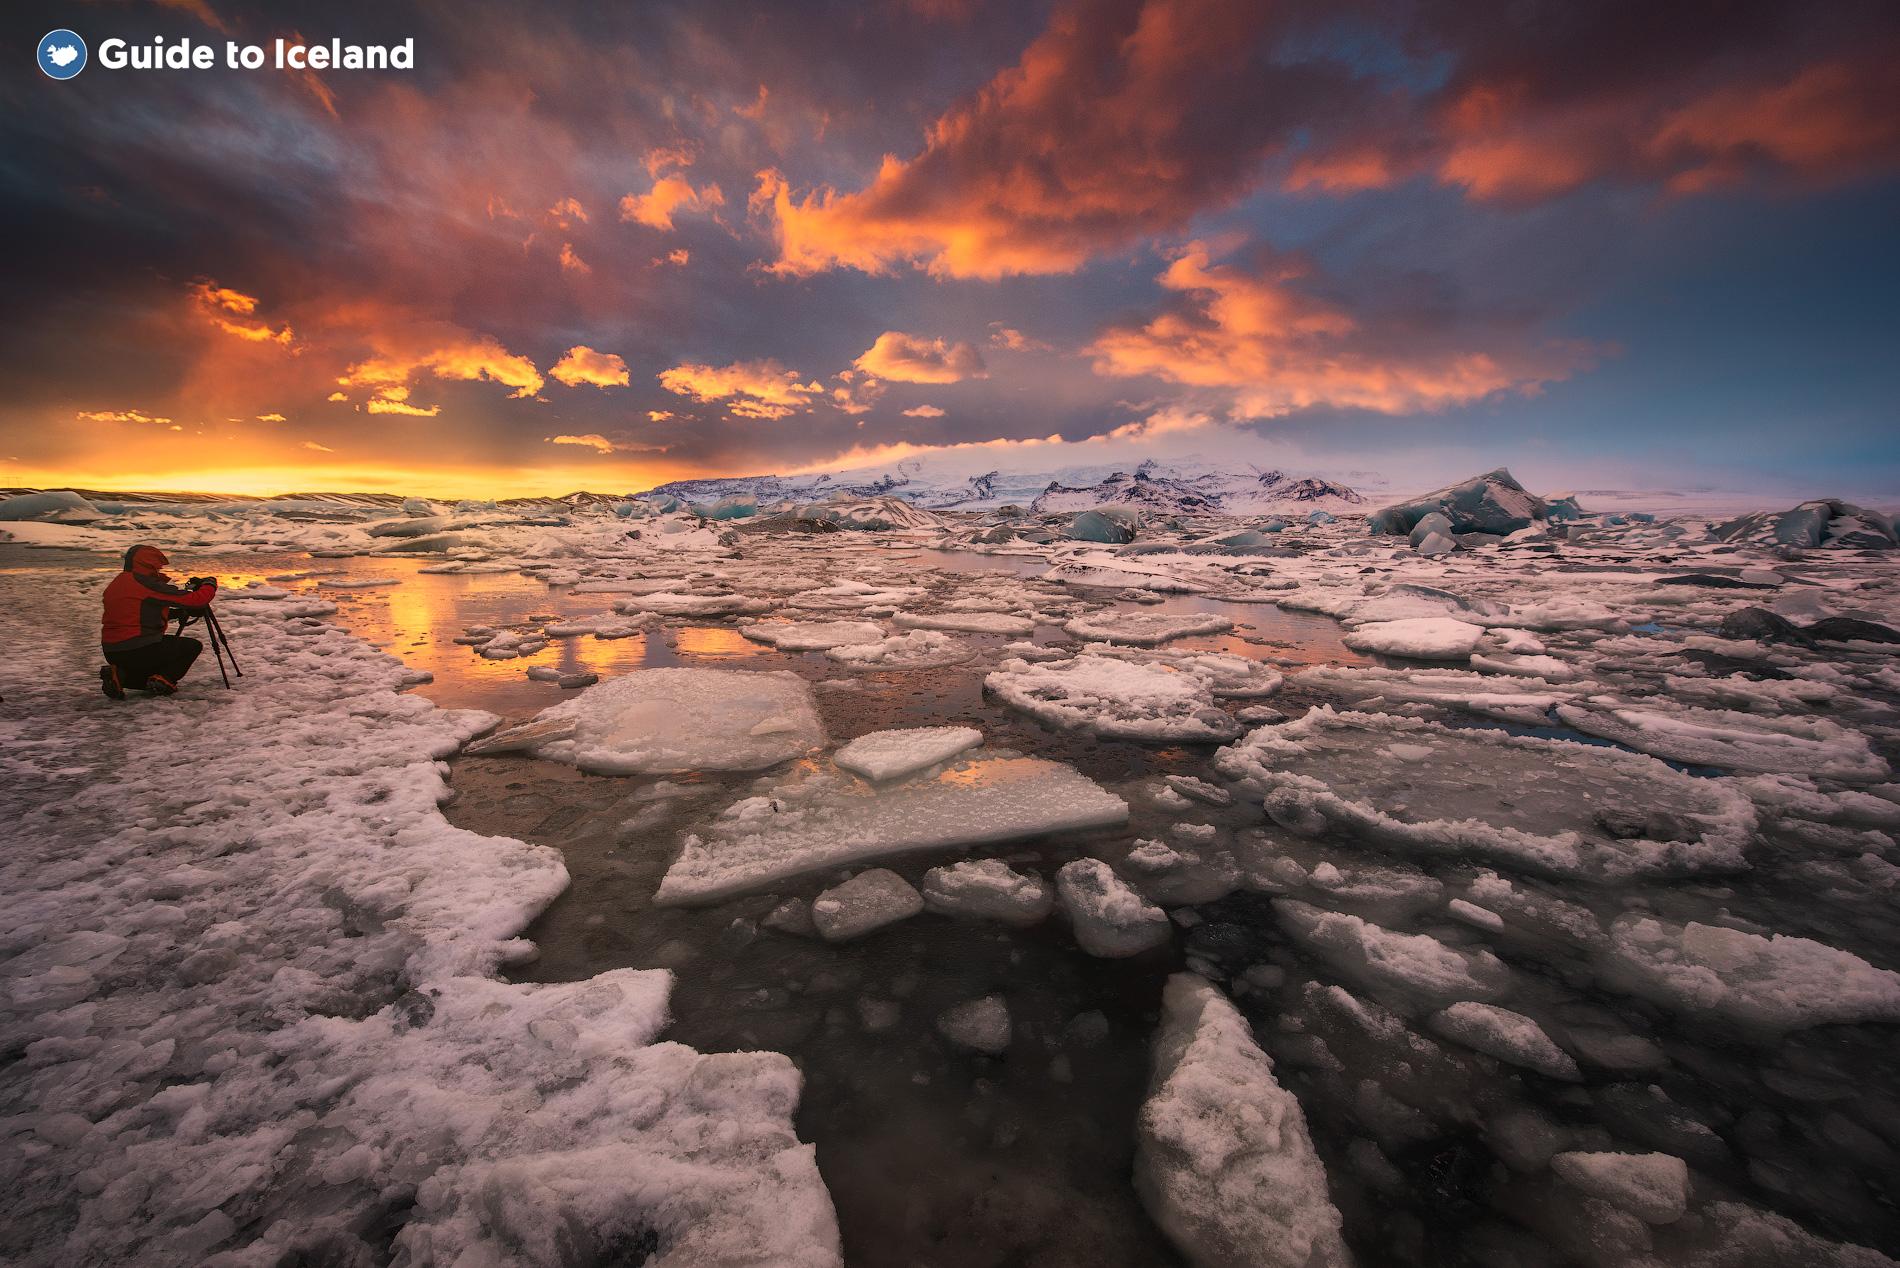 アイスランド南東部にあるベストラホルンの山